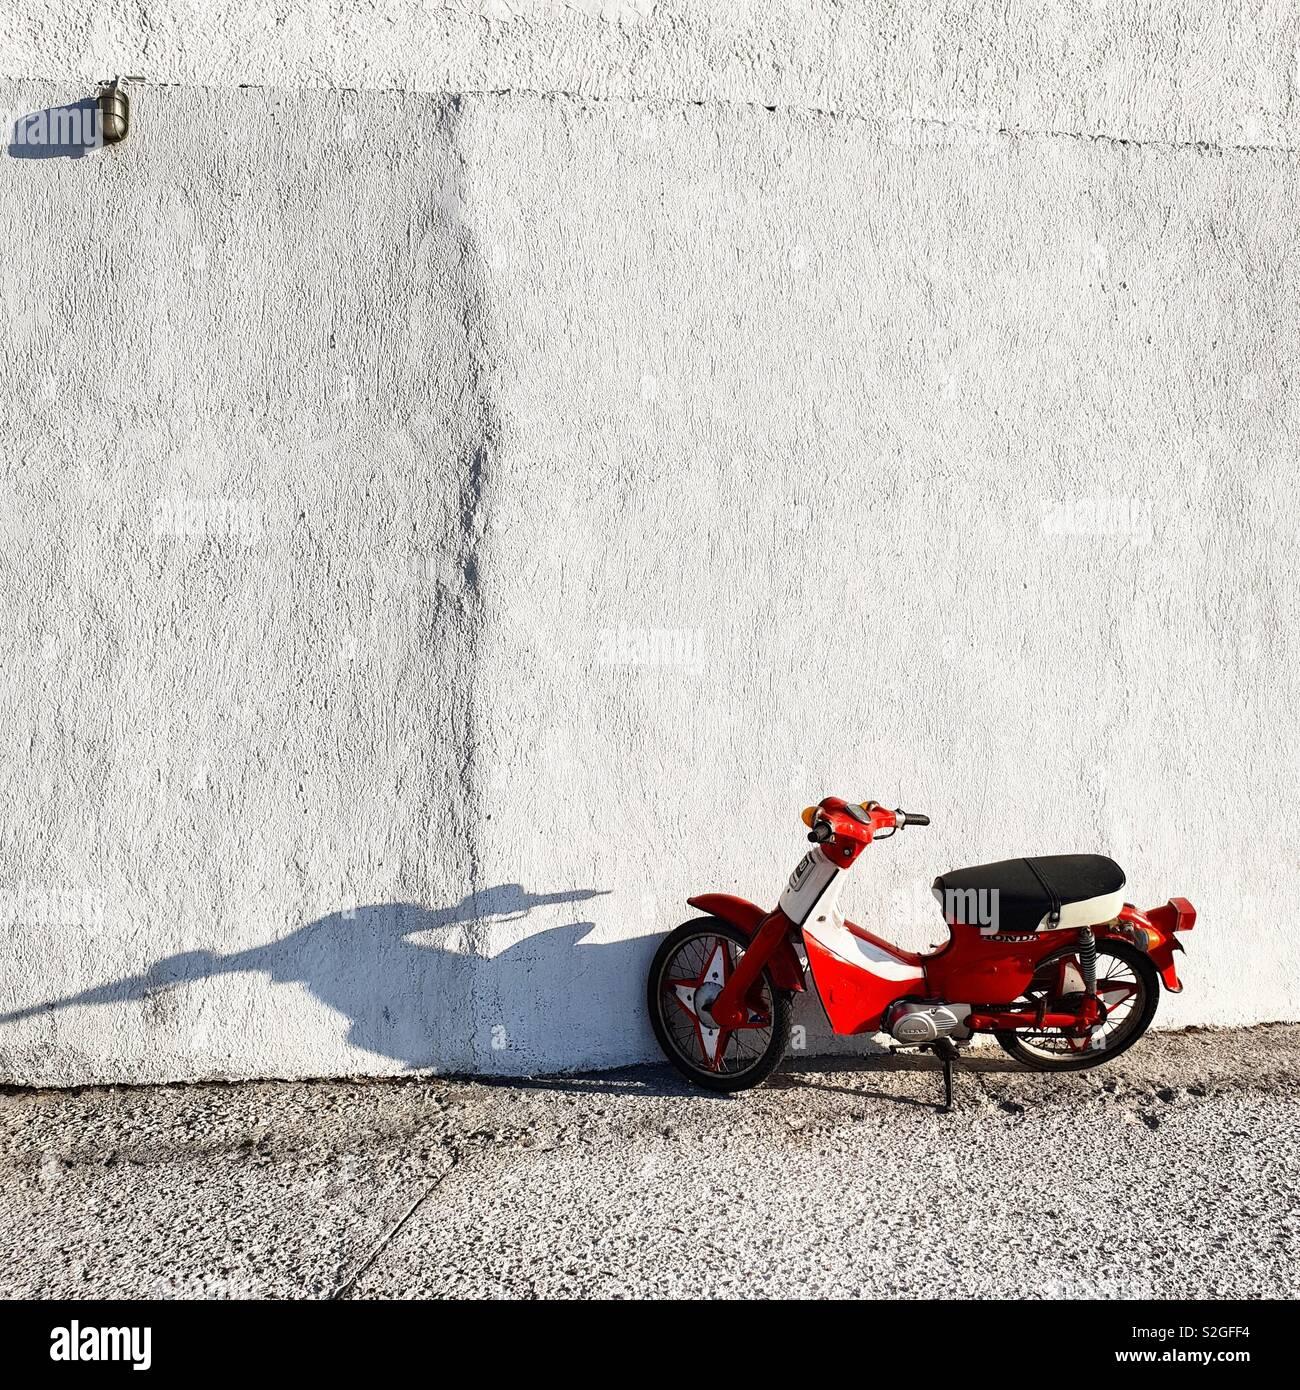 Scooter roja y blanca pared en Isla de Milos, Grecia Imagen De Stock